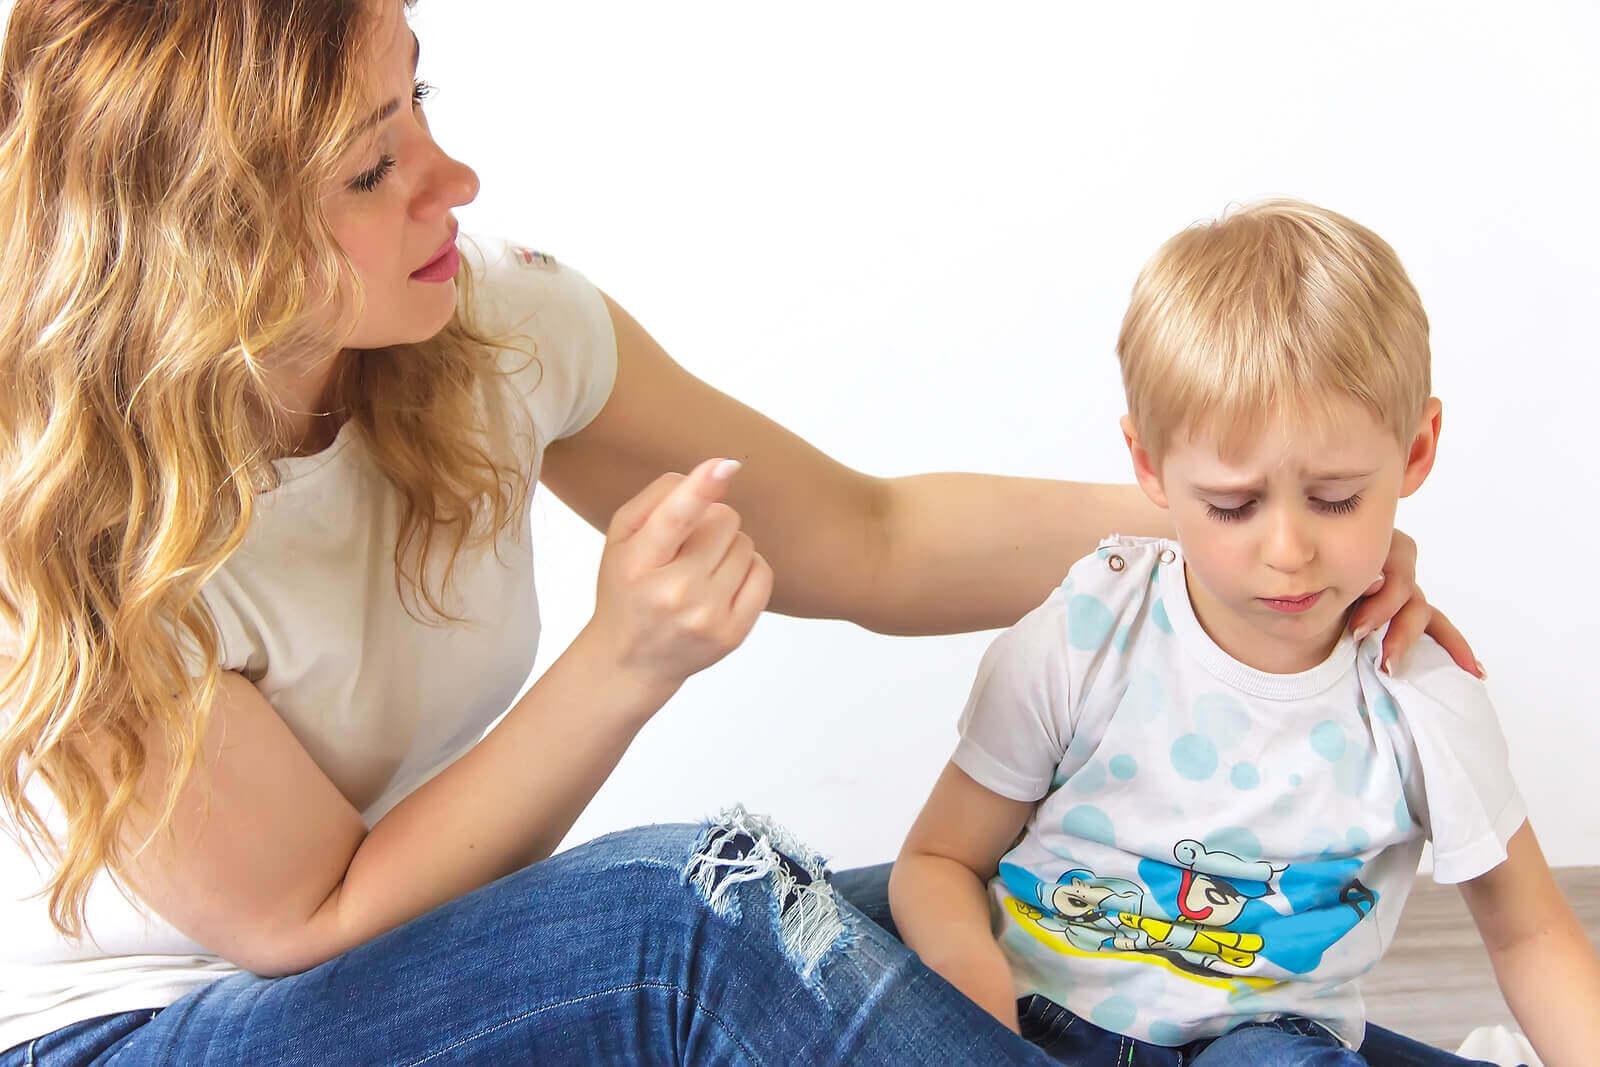 repetir as coisas para os seus filhos 5 vezes